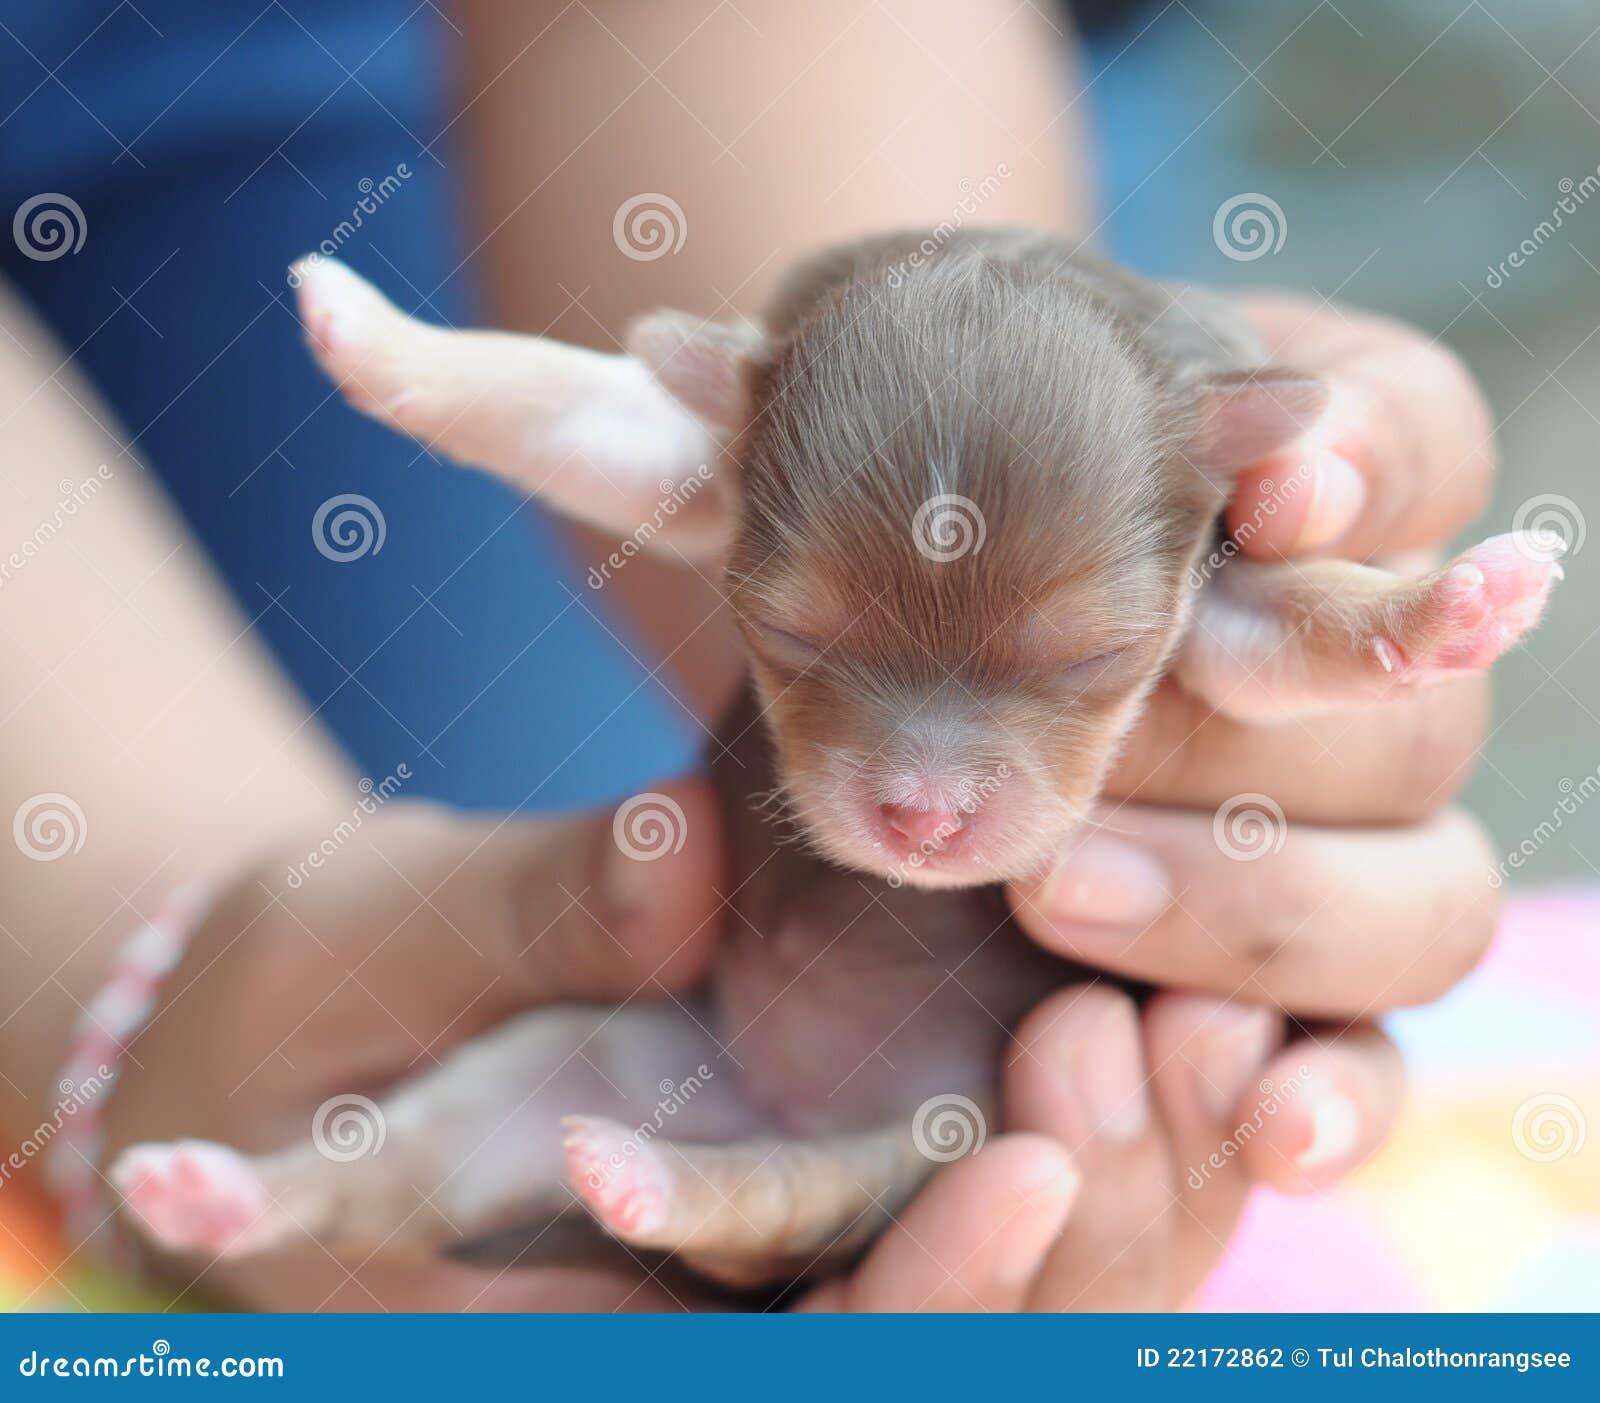 новорождённые чихуахуа фото